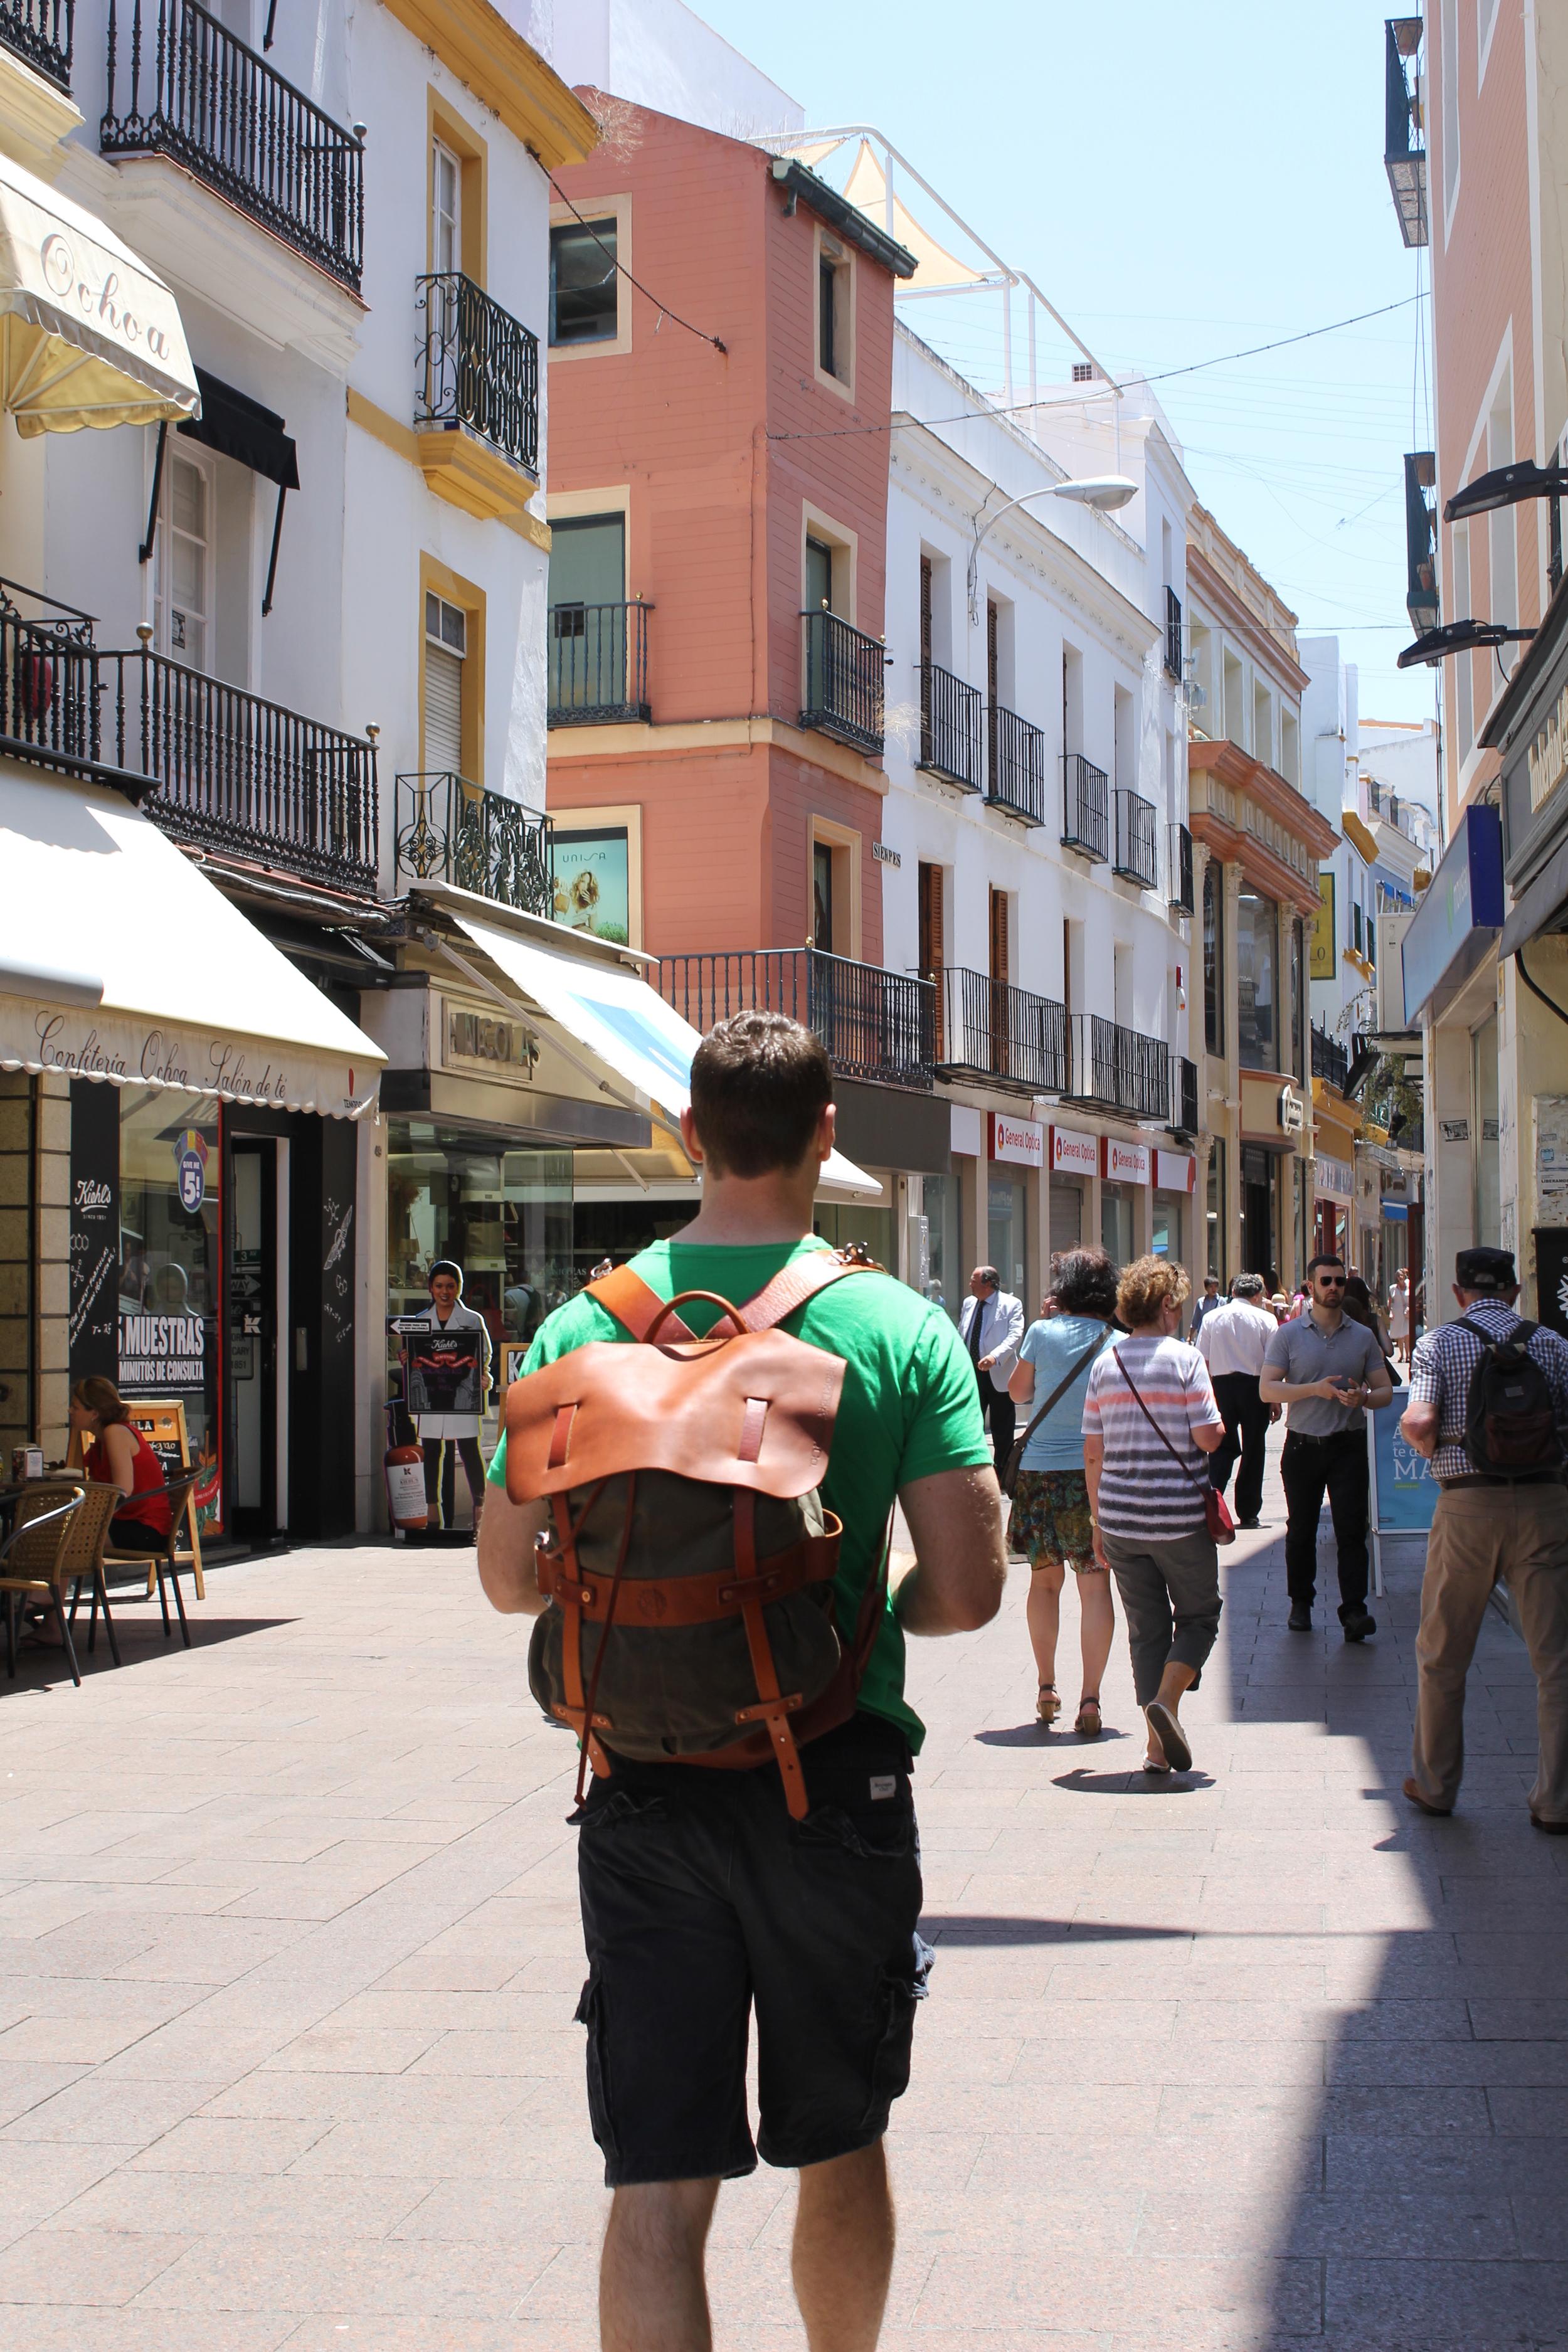 MY EUROTRIP SEVILLA, SPAIN